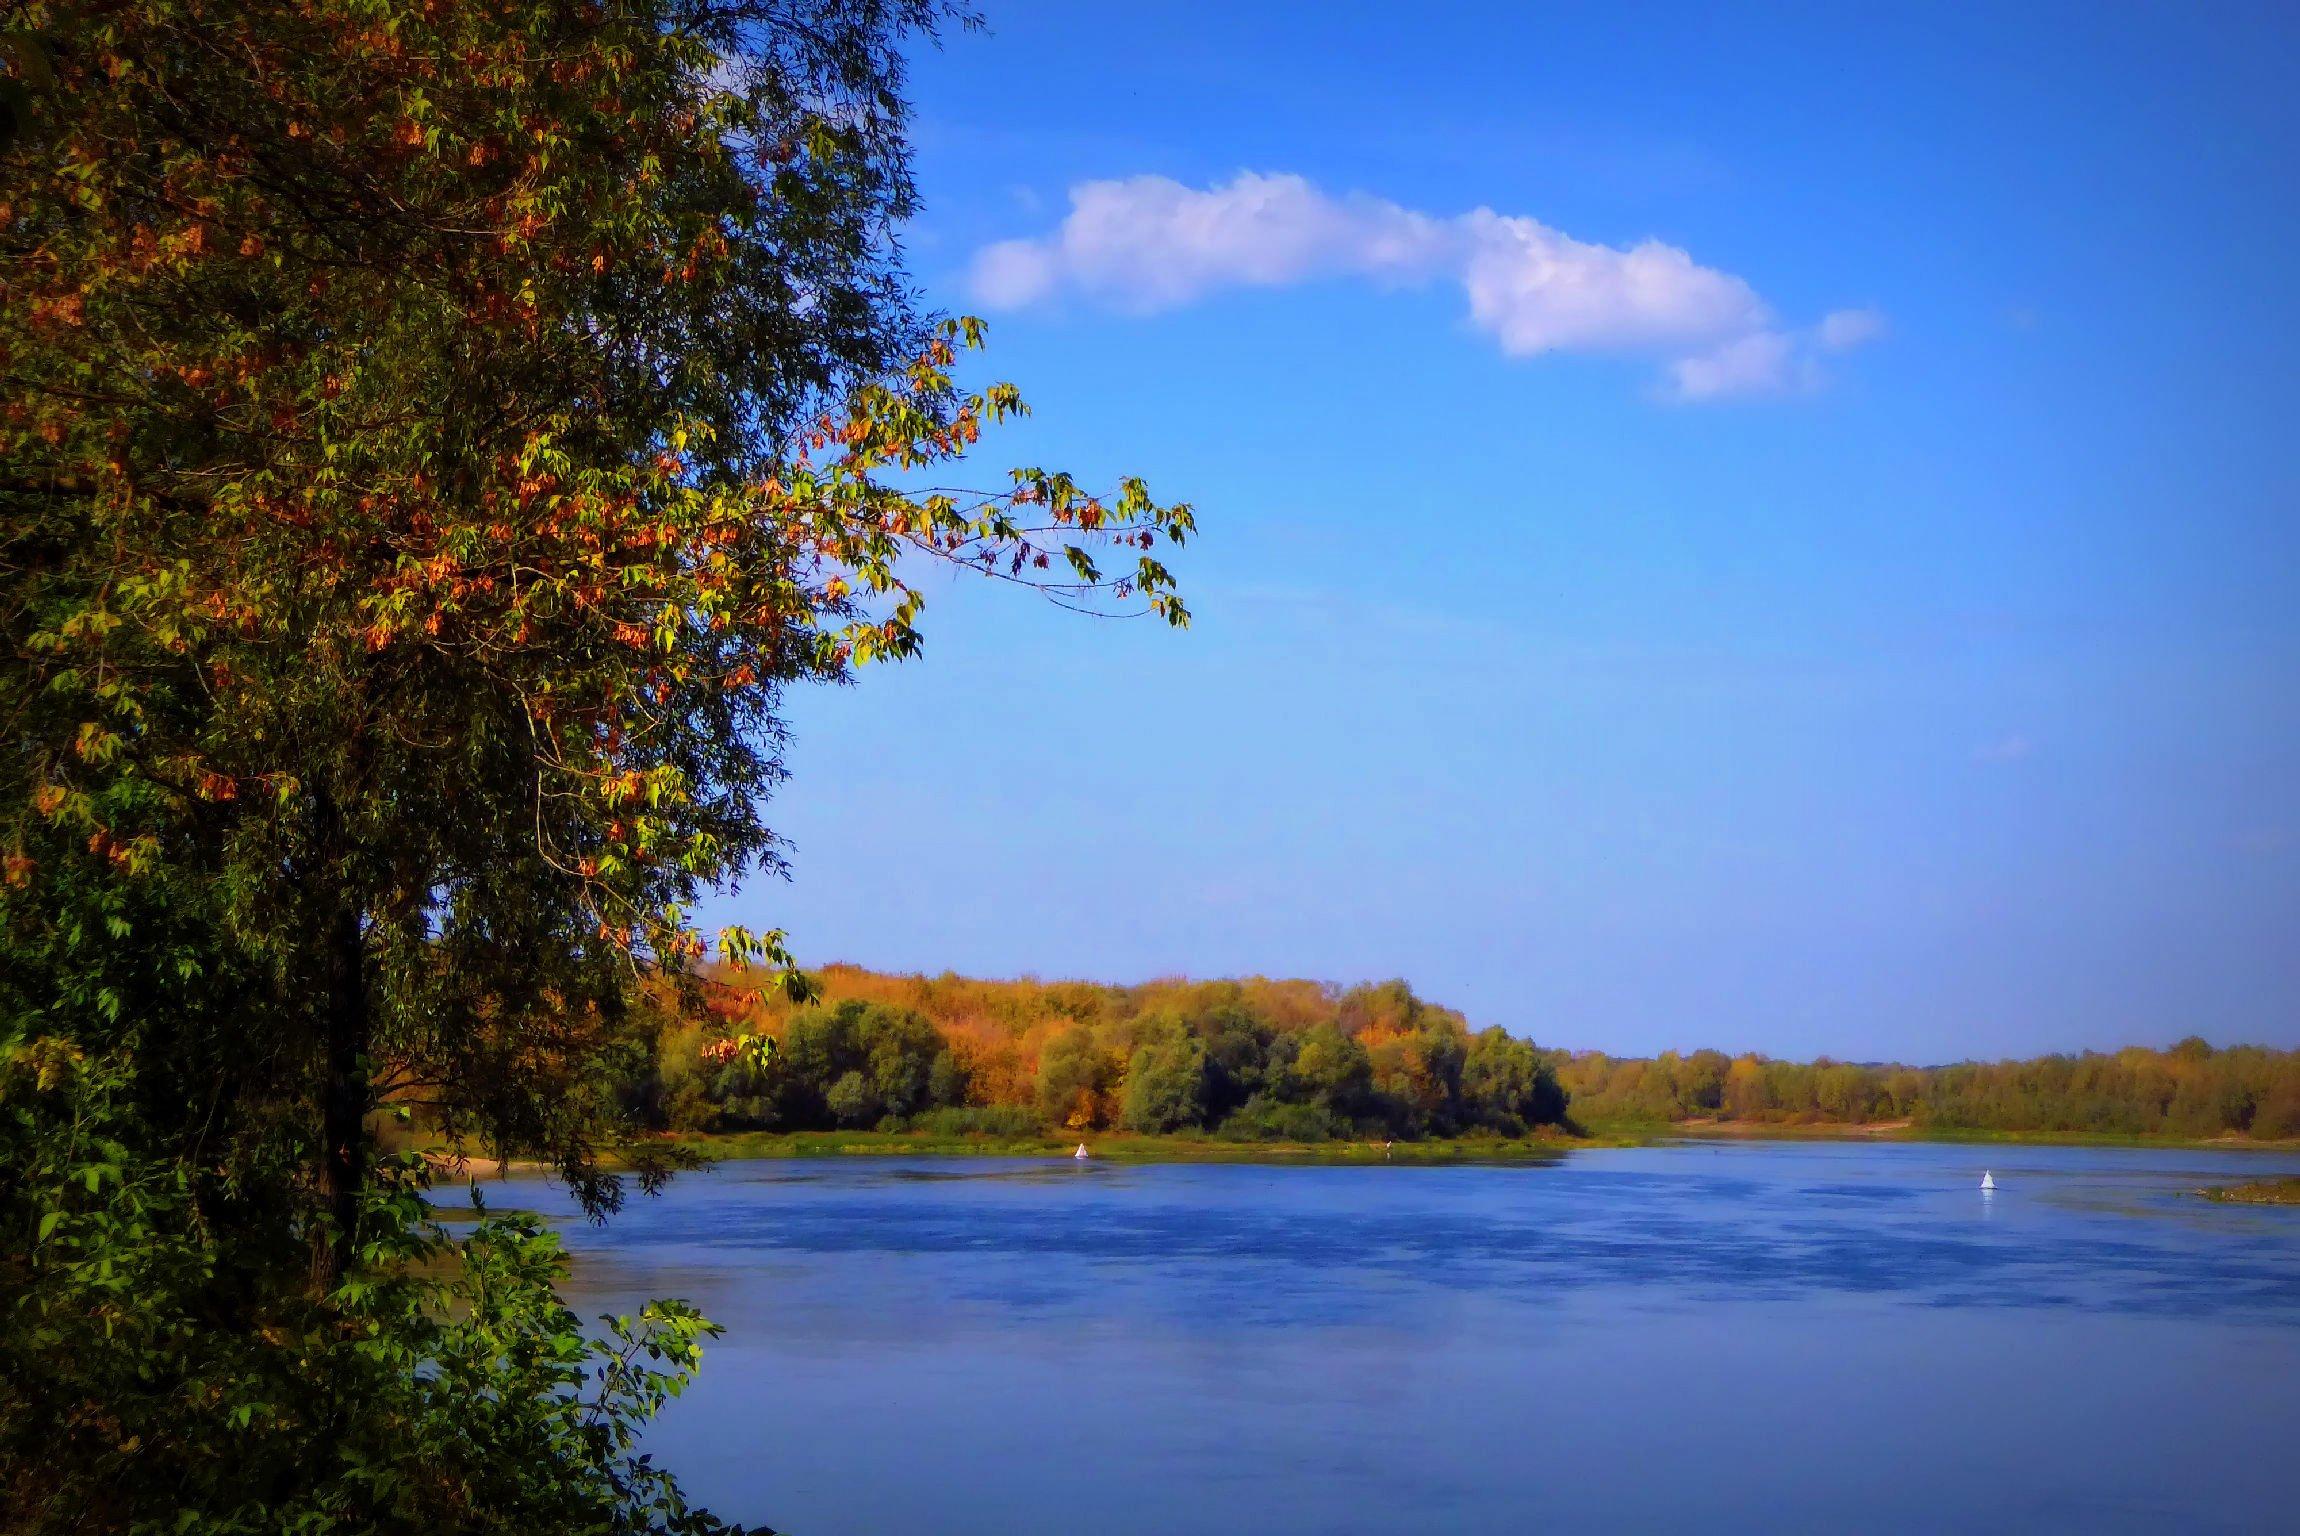 Картинки реки ока рязань